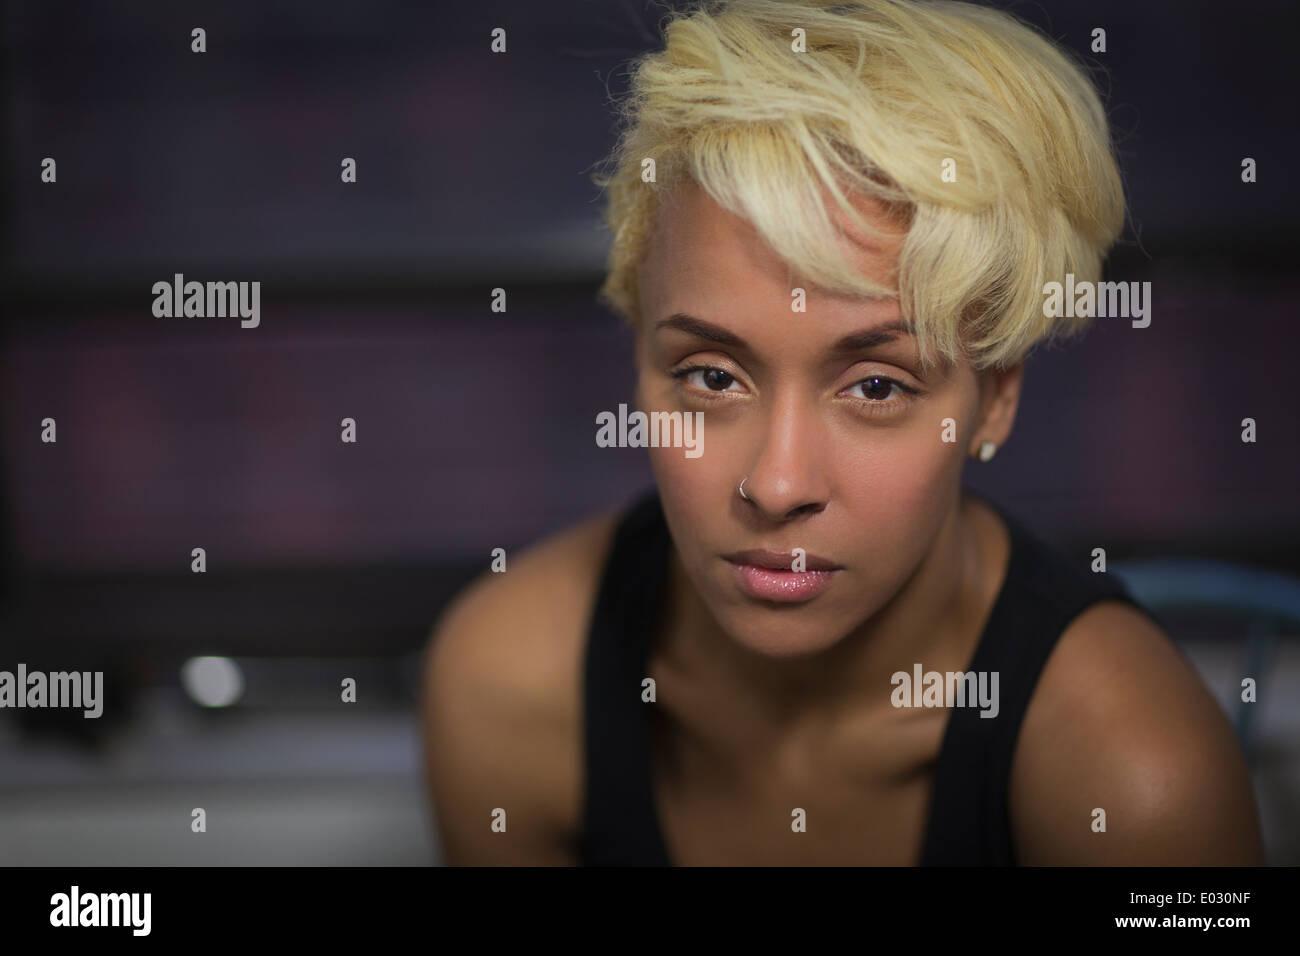 Eine Frau mit blonden Haaren mit einem ängstlichen Ausdruck Stockbild